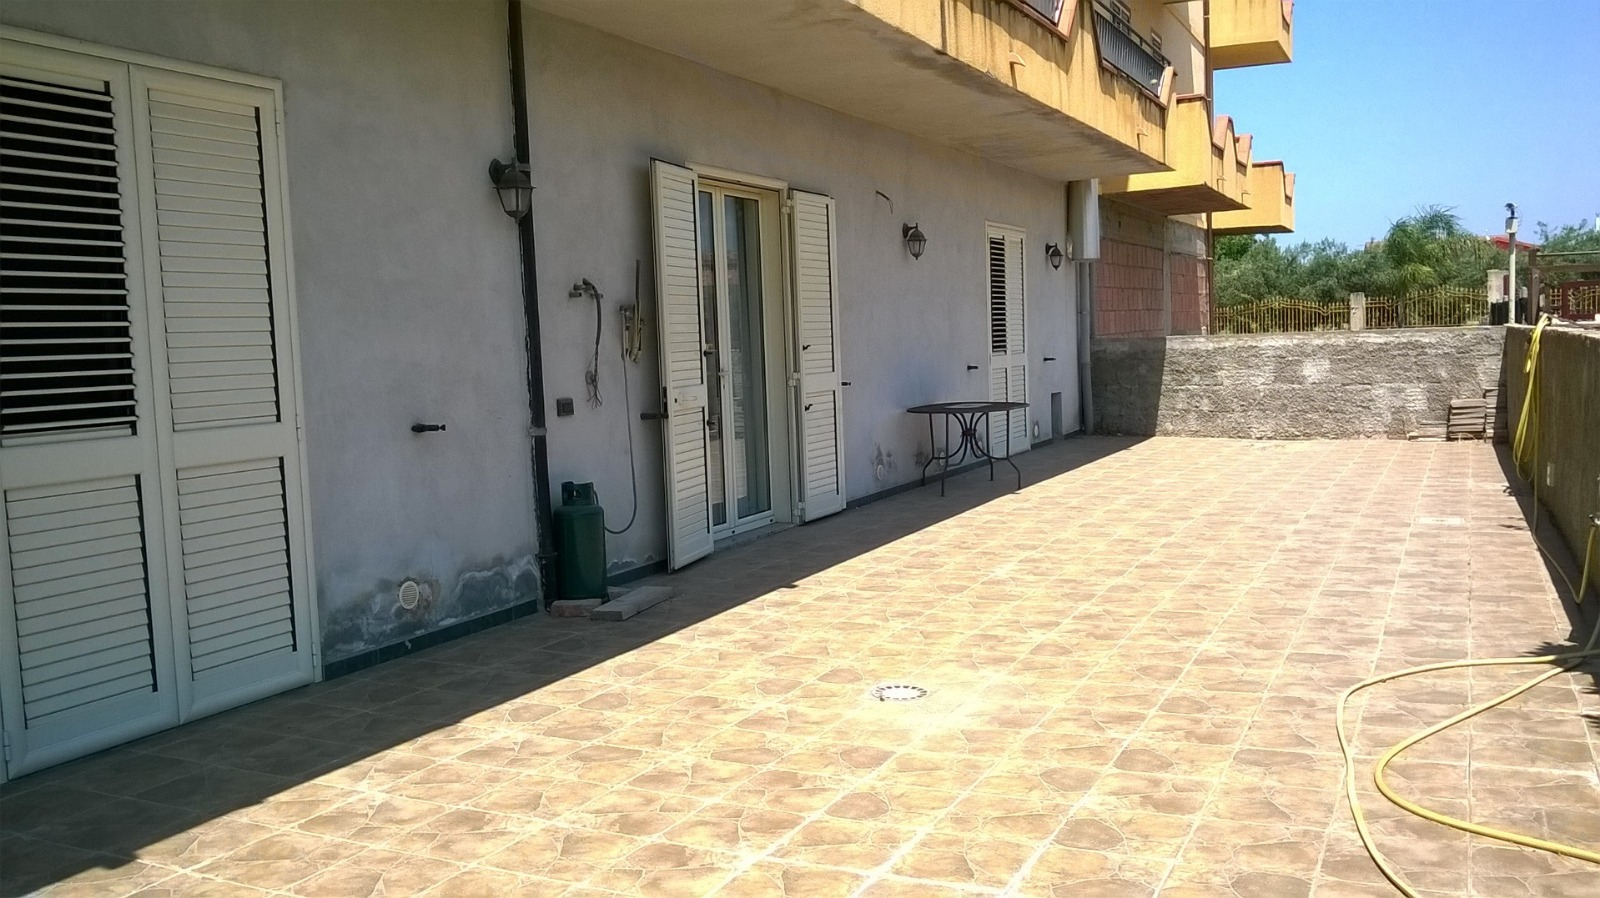 Appartamento in vendita a Barcellona Pozzo di Gotto, 4 locali, zona Località: Acquacalda, prezzo € 135.000 | PortaleAgenzieImmobiliari.it